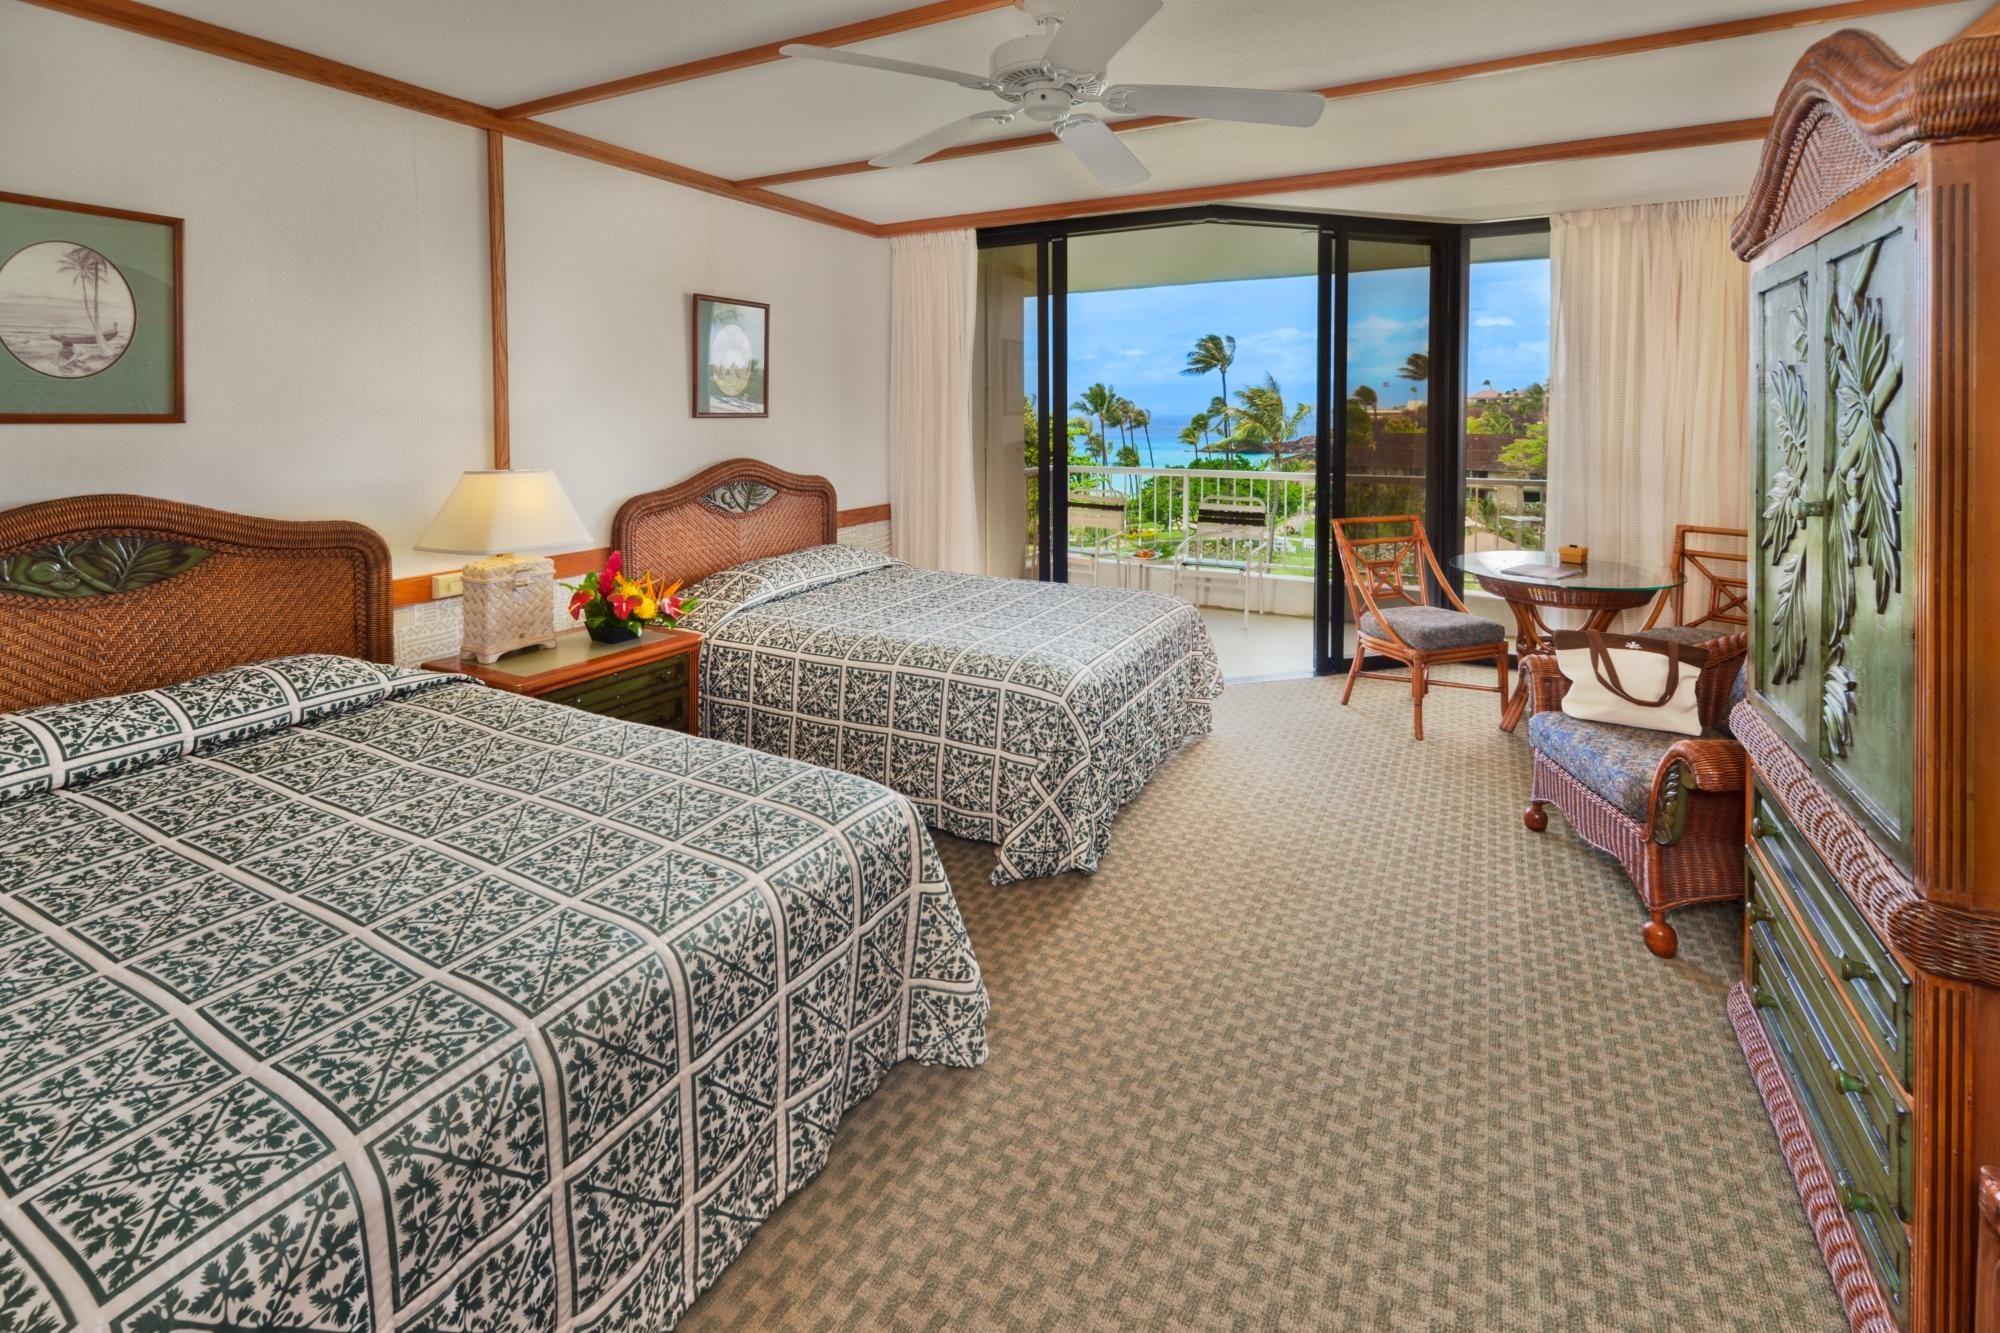 Ka'anapali Beach Hotel, Maui